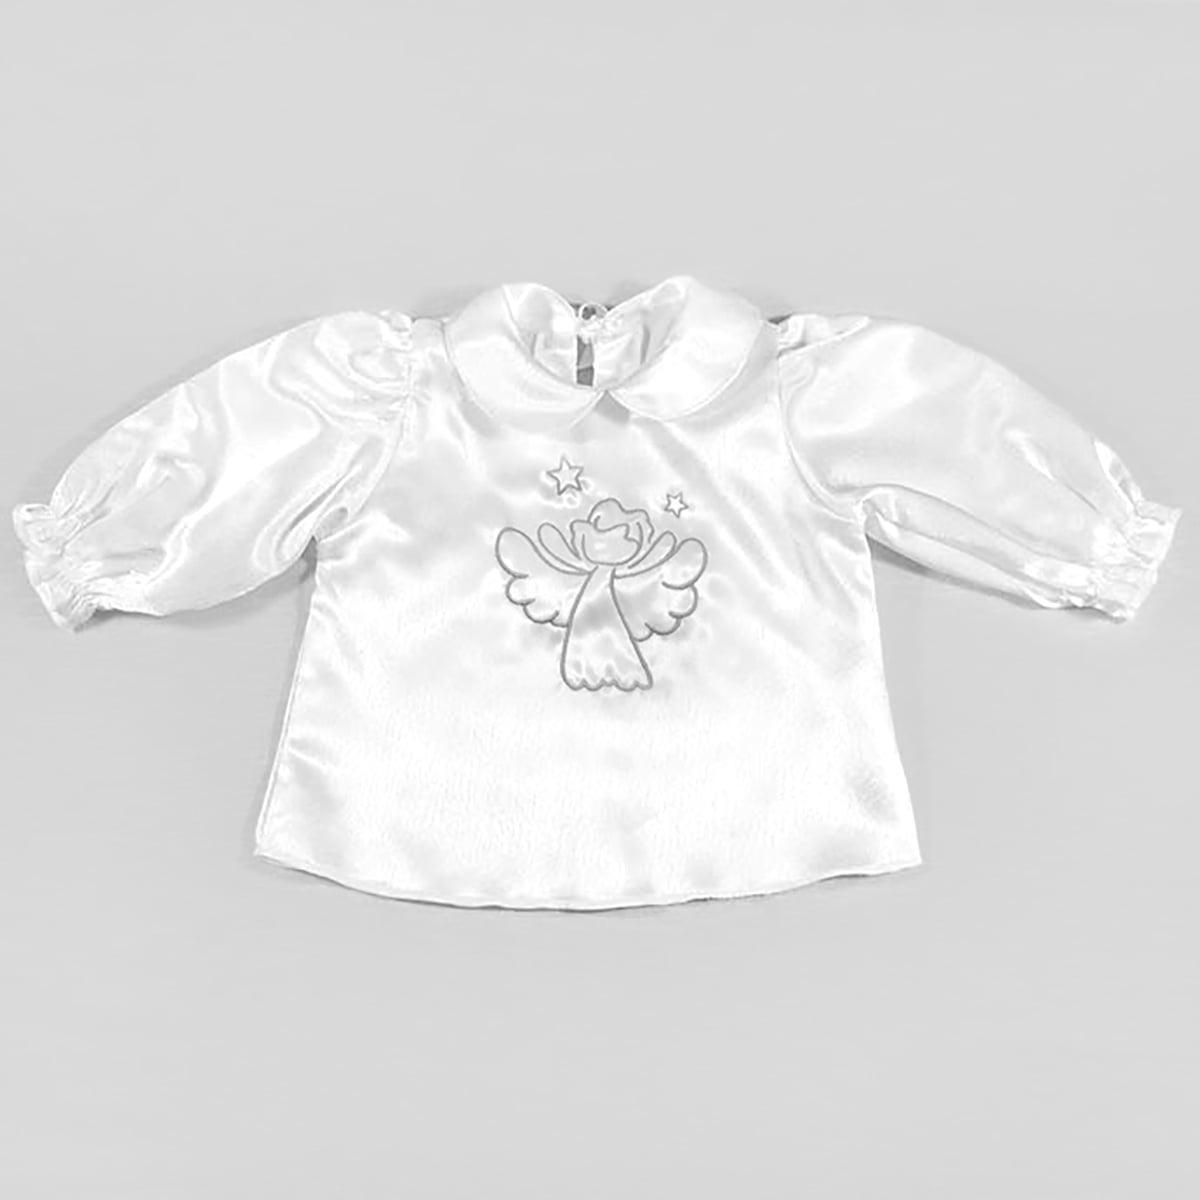 krsna košuljica sa srebrnim anđelom